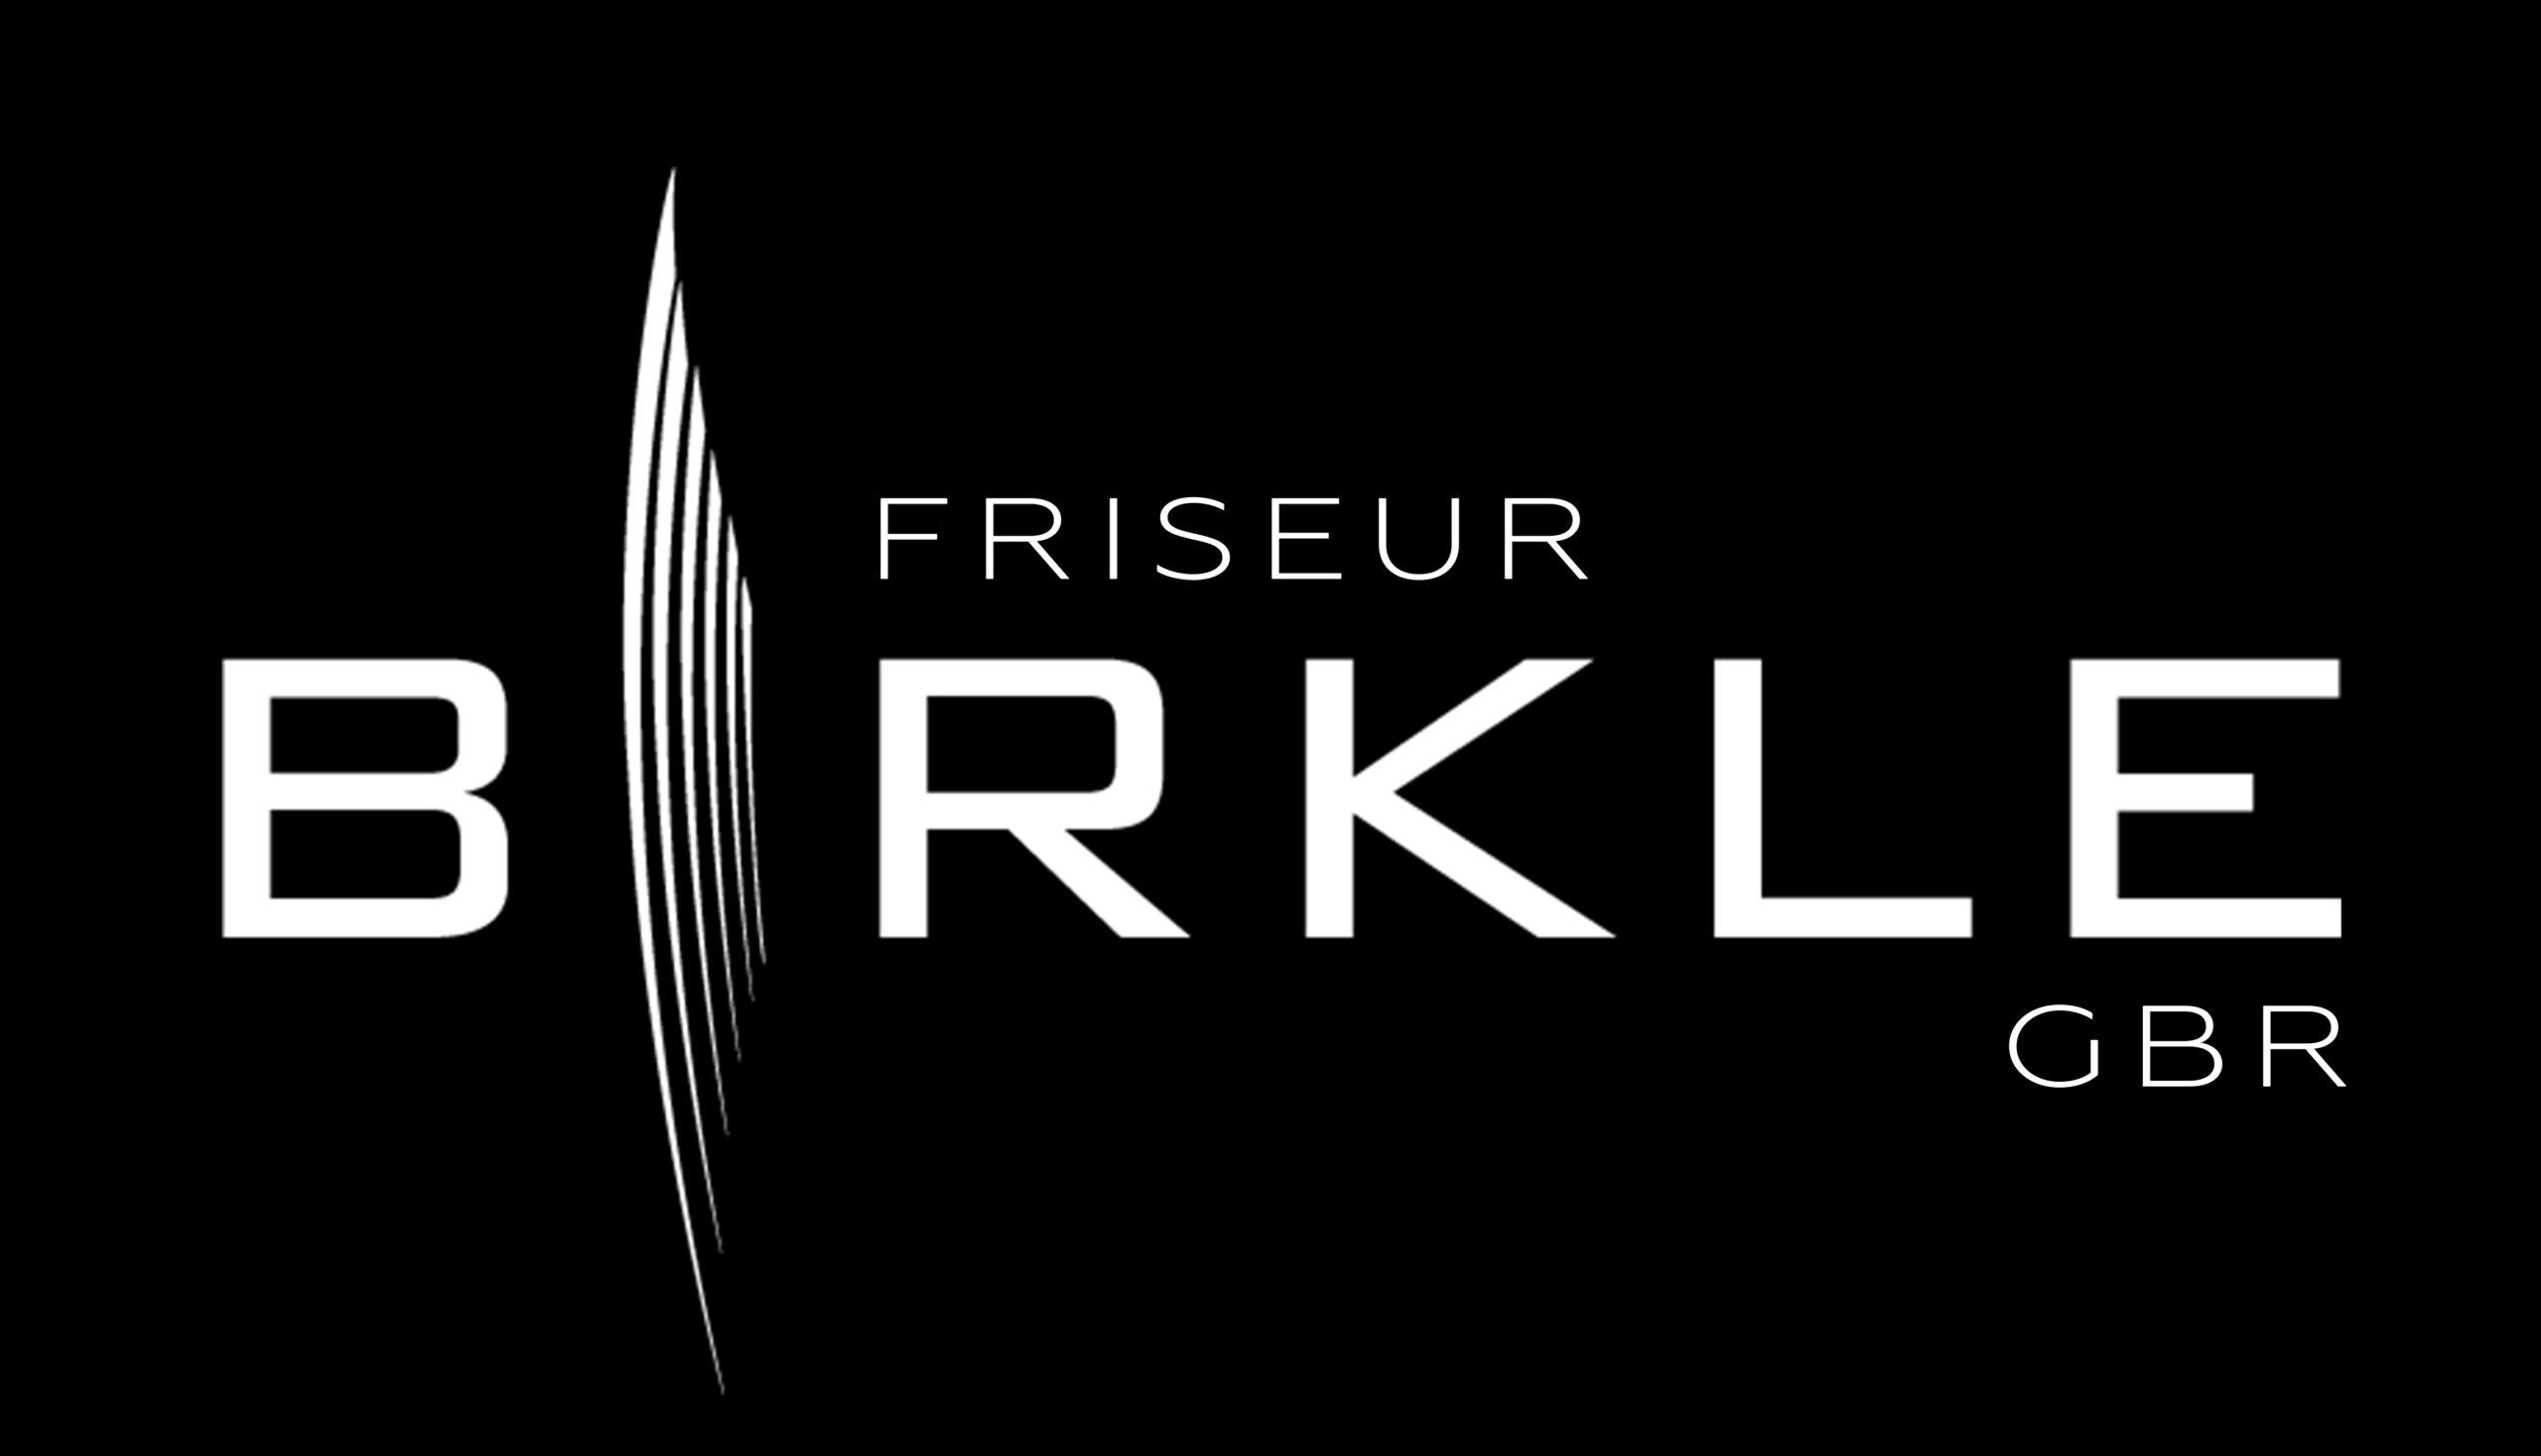 Friseur Birkle